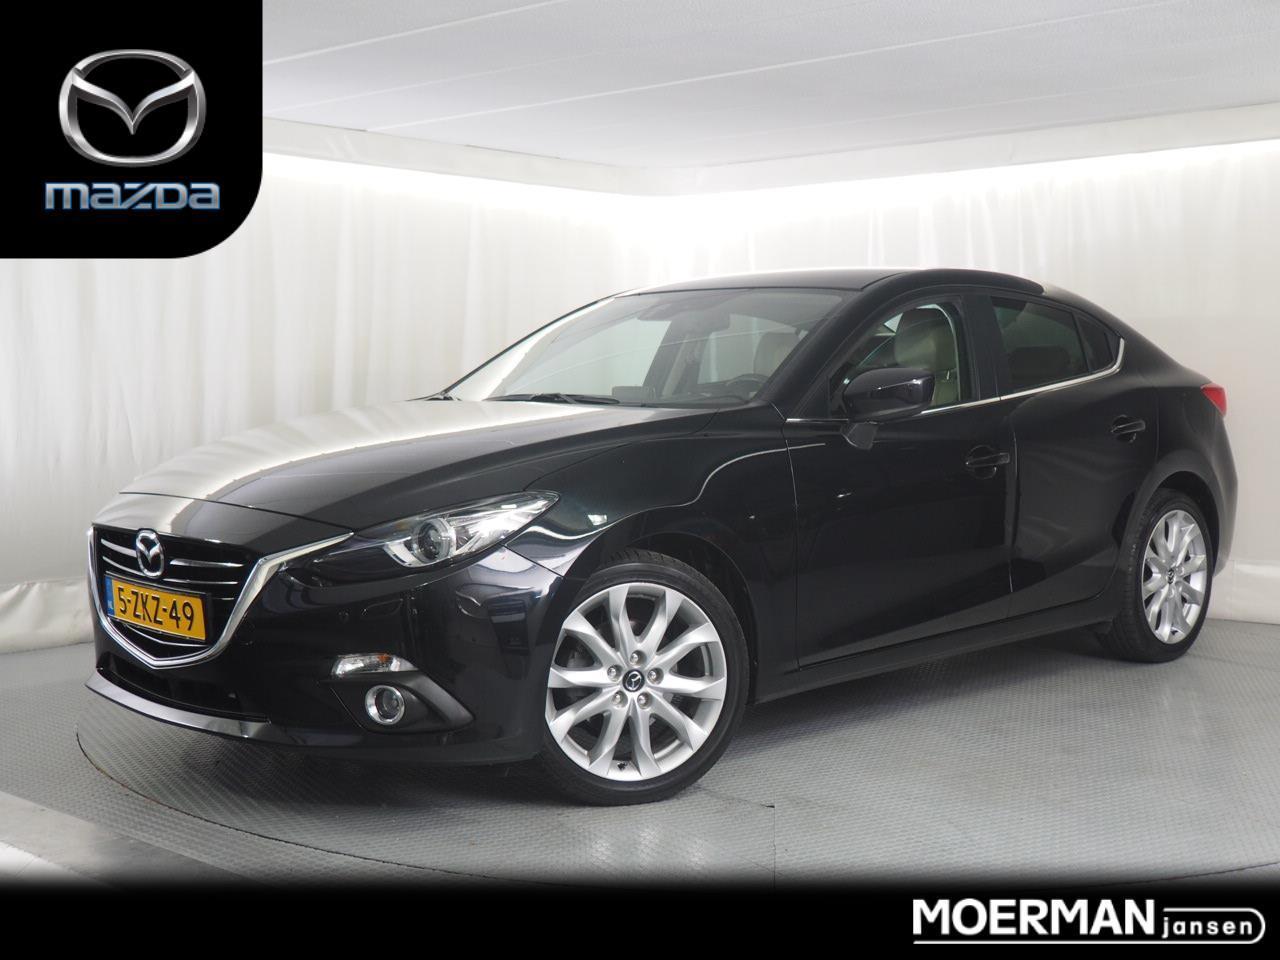 Mazda 3 2.0 gt-m verkocht